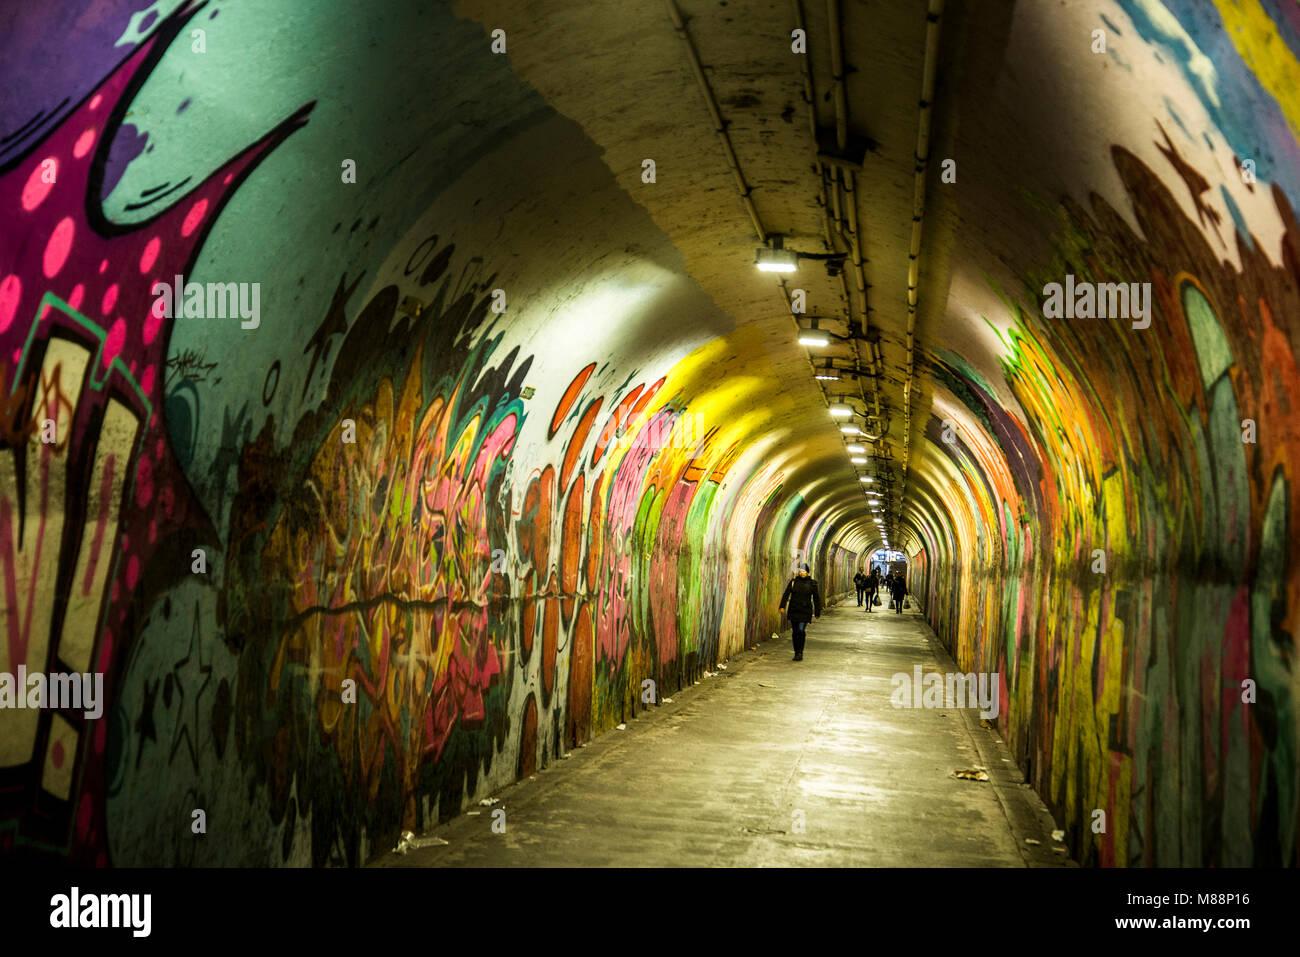 New York tunnel della metropolitana riempito con graffiti Immagini Stock